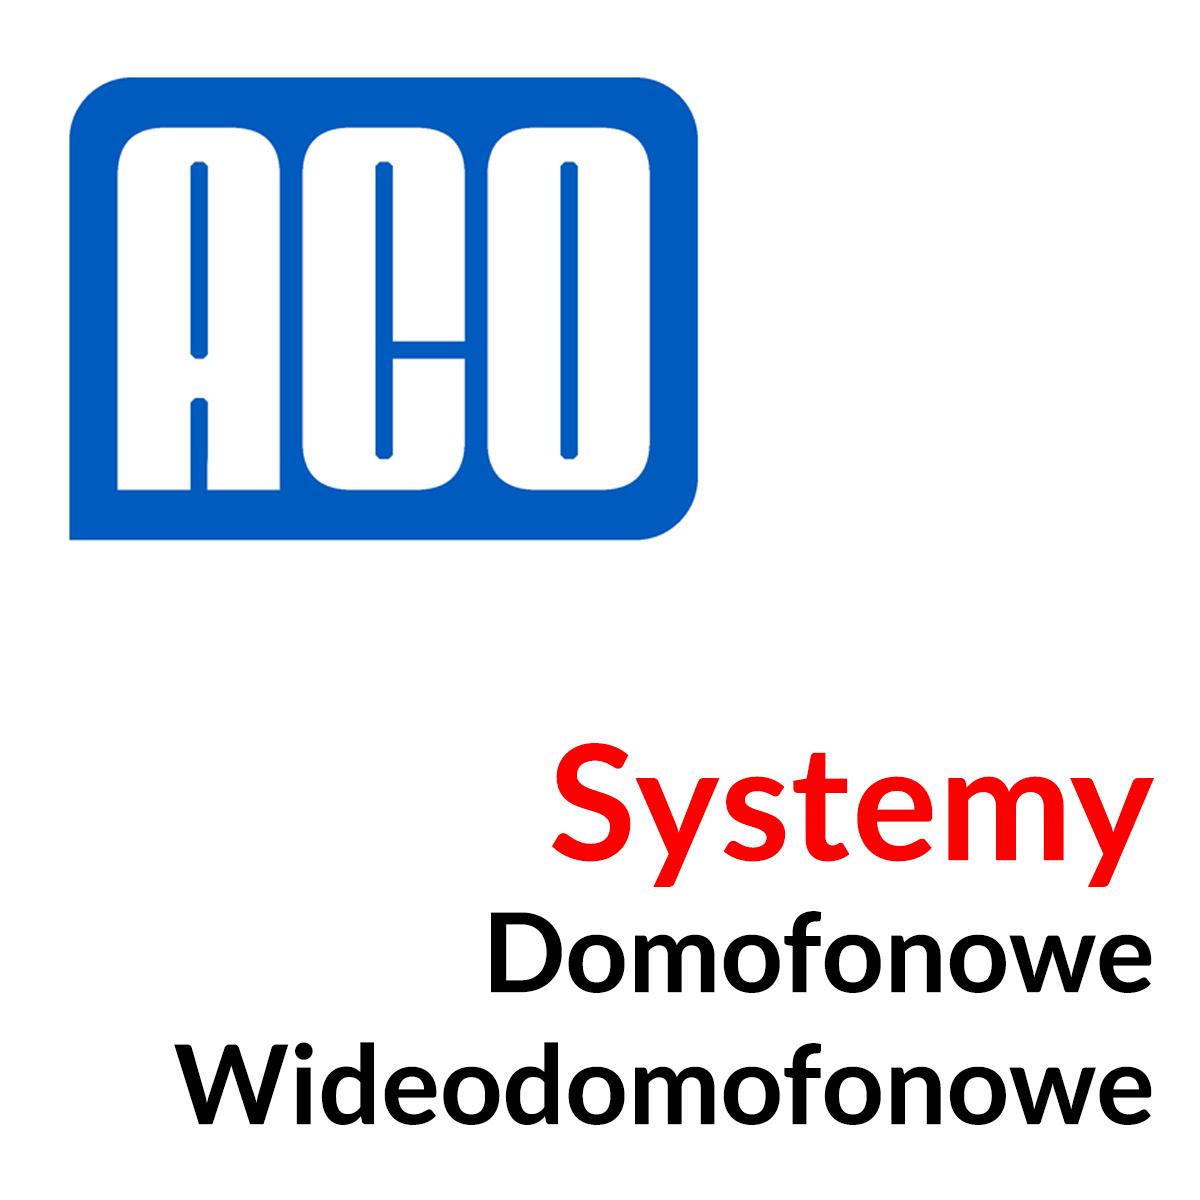 Systemy domofonowe i wideodomofonowe ACO